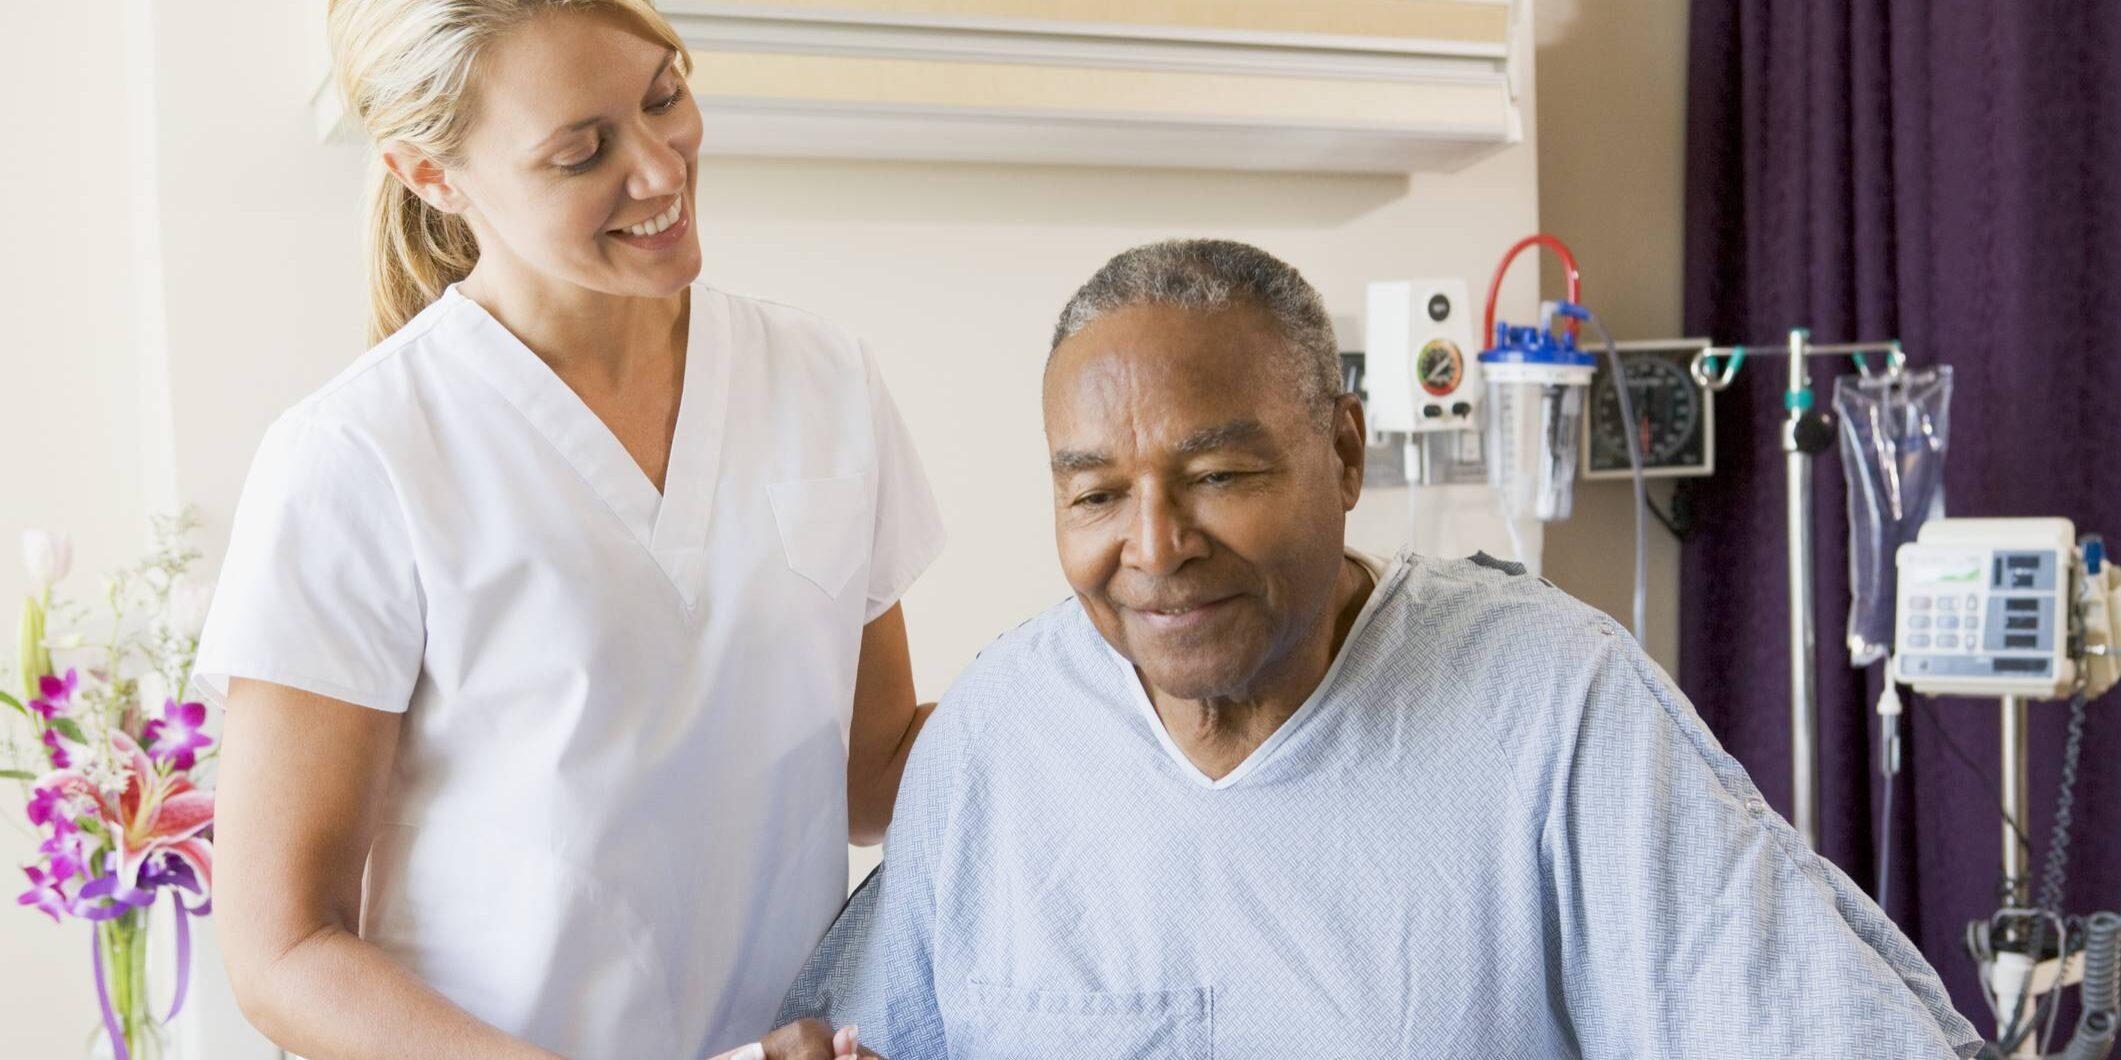 Assistenza ospedaliera professionale